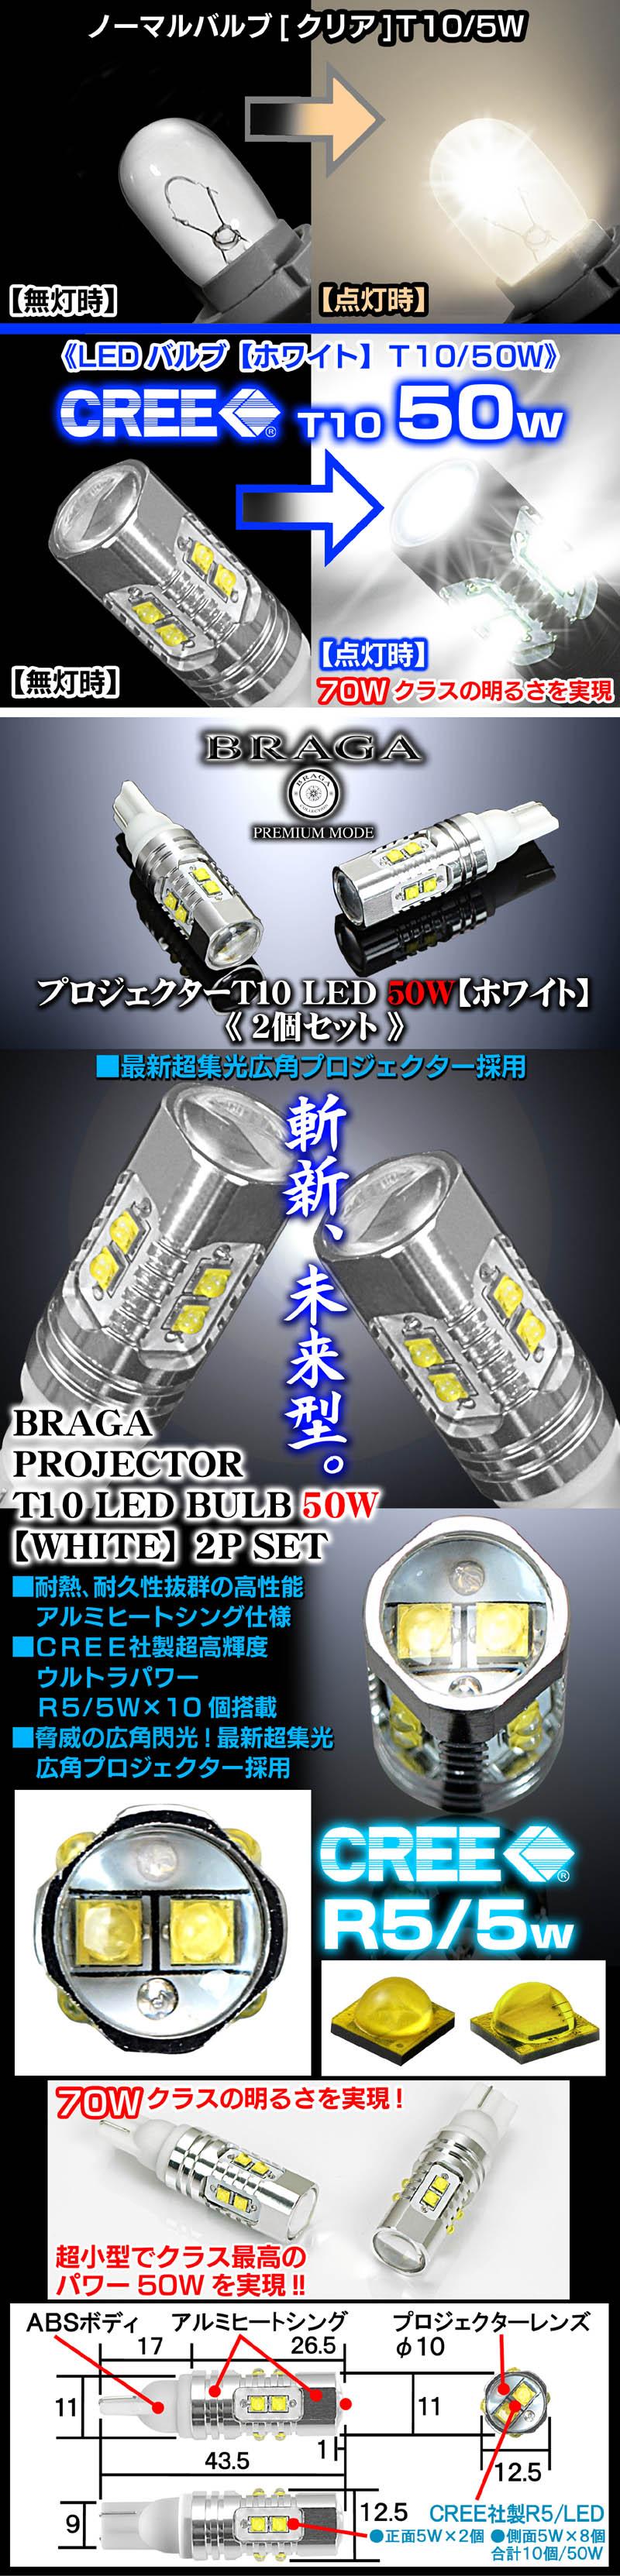 T10/T16 50W ポジション/スモールランプ CREE製LEDプロジェクターバルブ【ホワイト/白】70Wクラスの光を実現《2個》1年保証/ブラガ